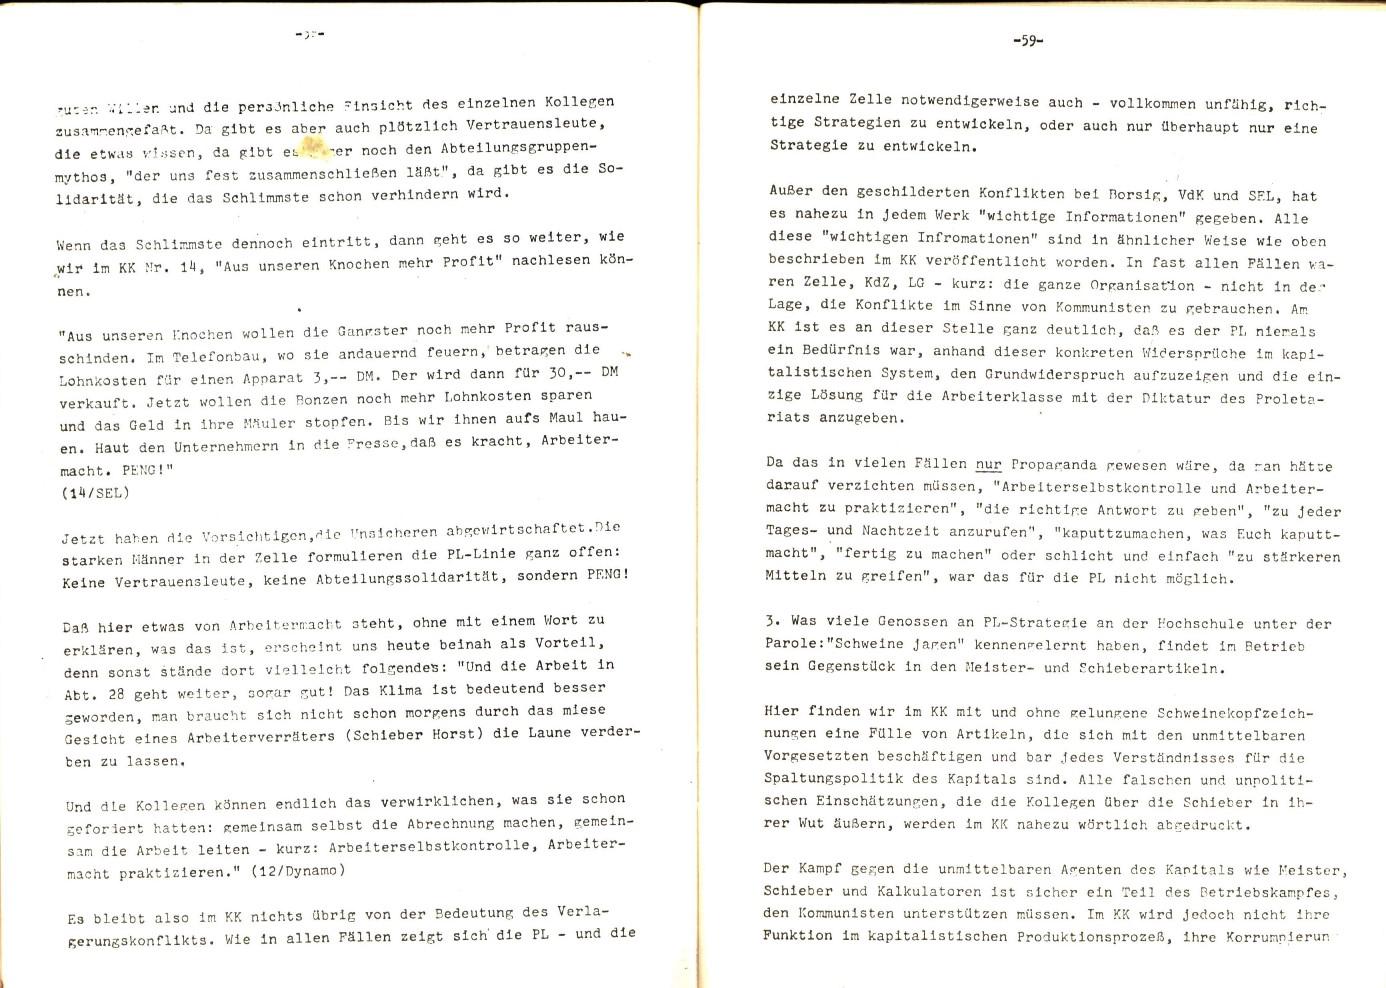 PLPI_1971_Aufloesung_32